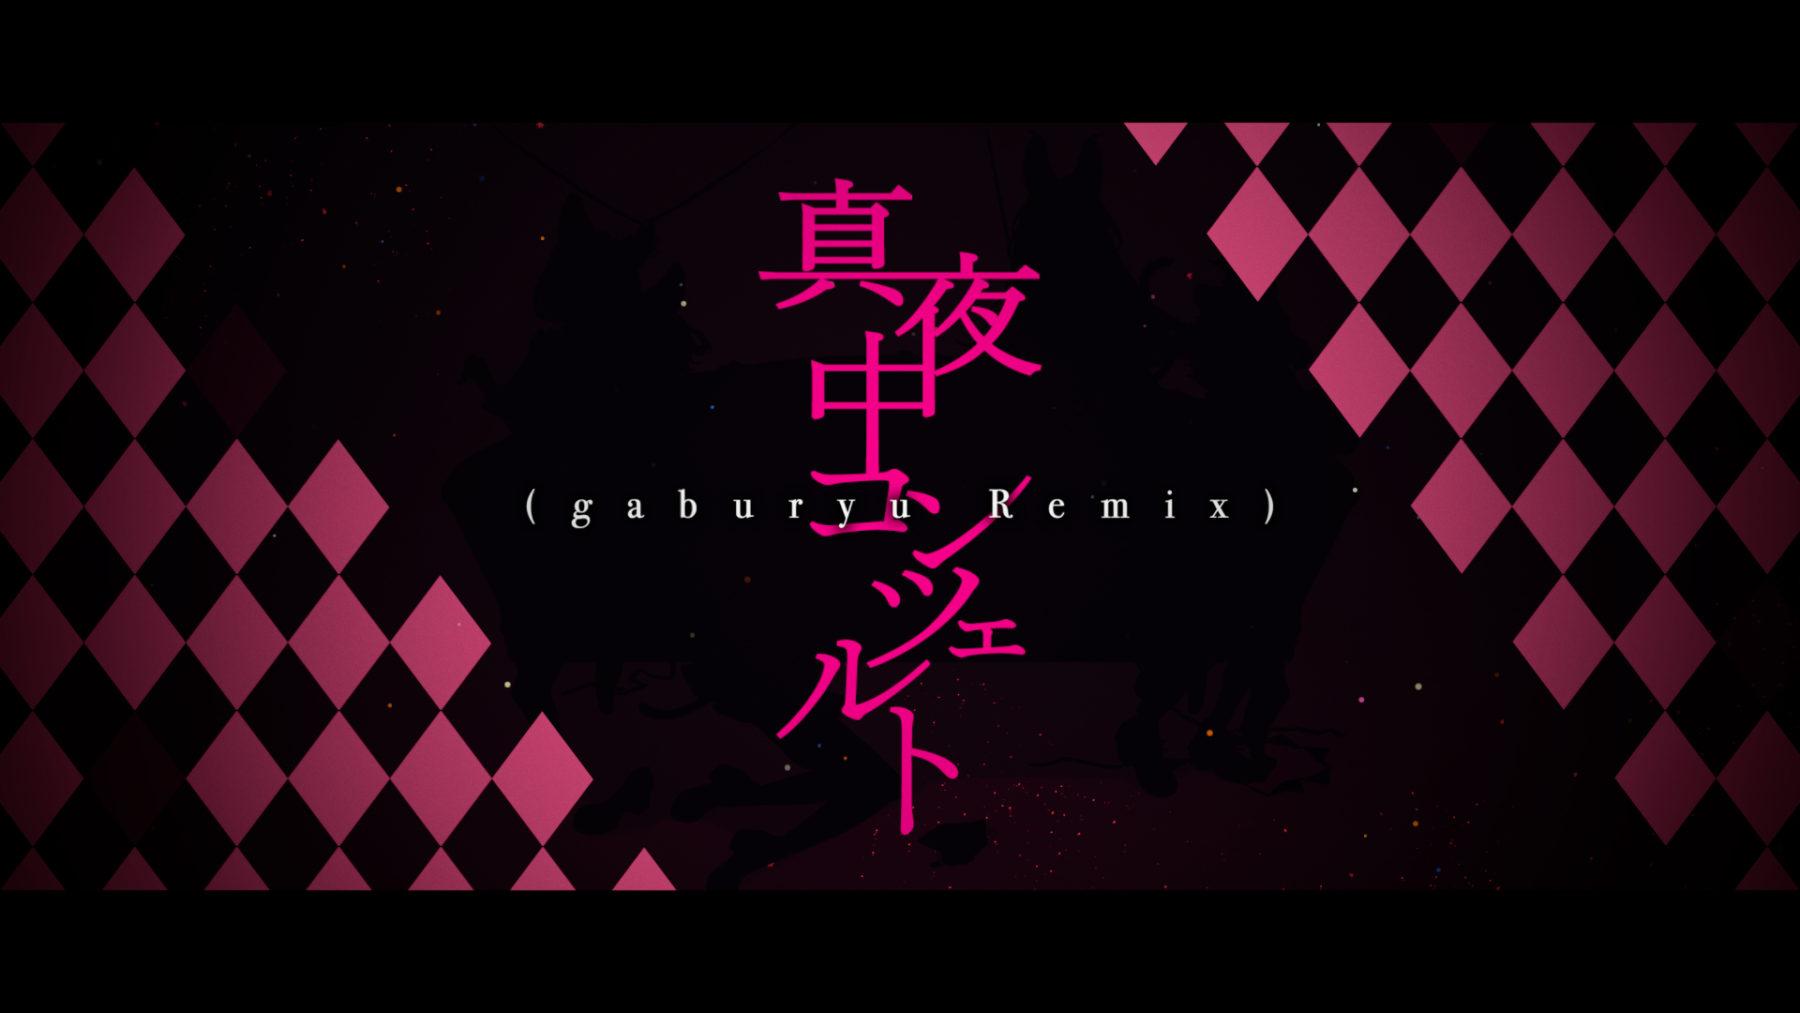 第二楽章、VALIS「真夜中コンツェルト(gaburyu Remix)」が公開